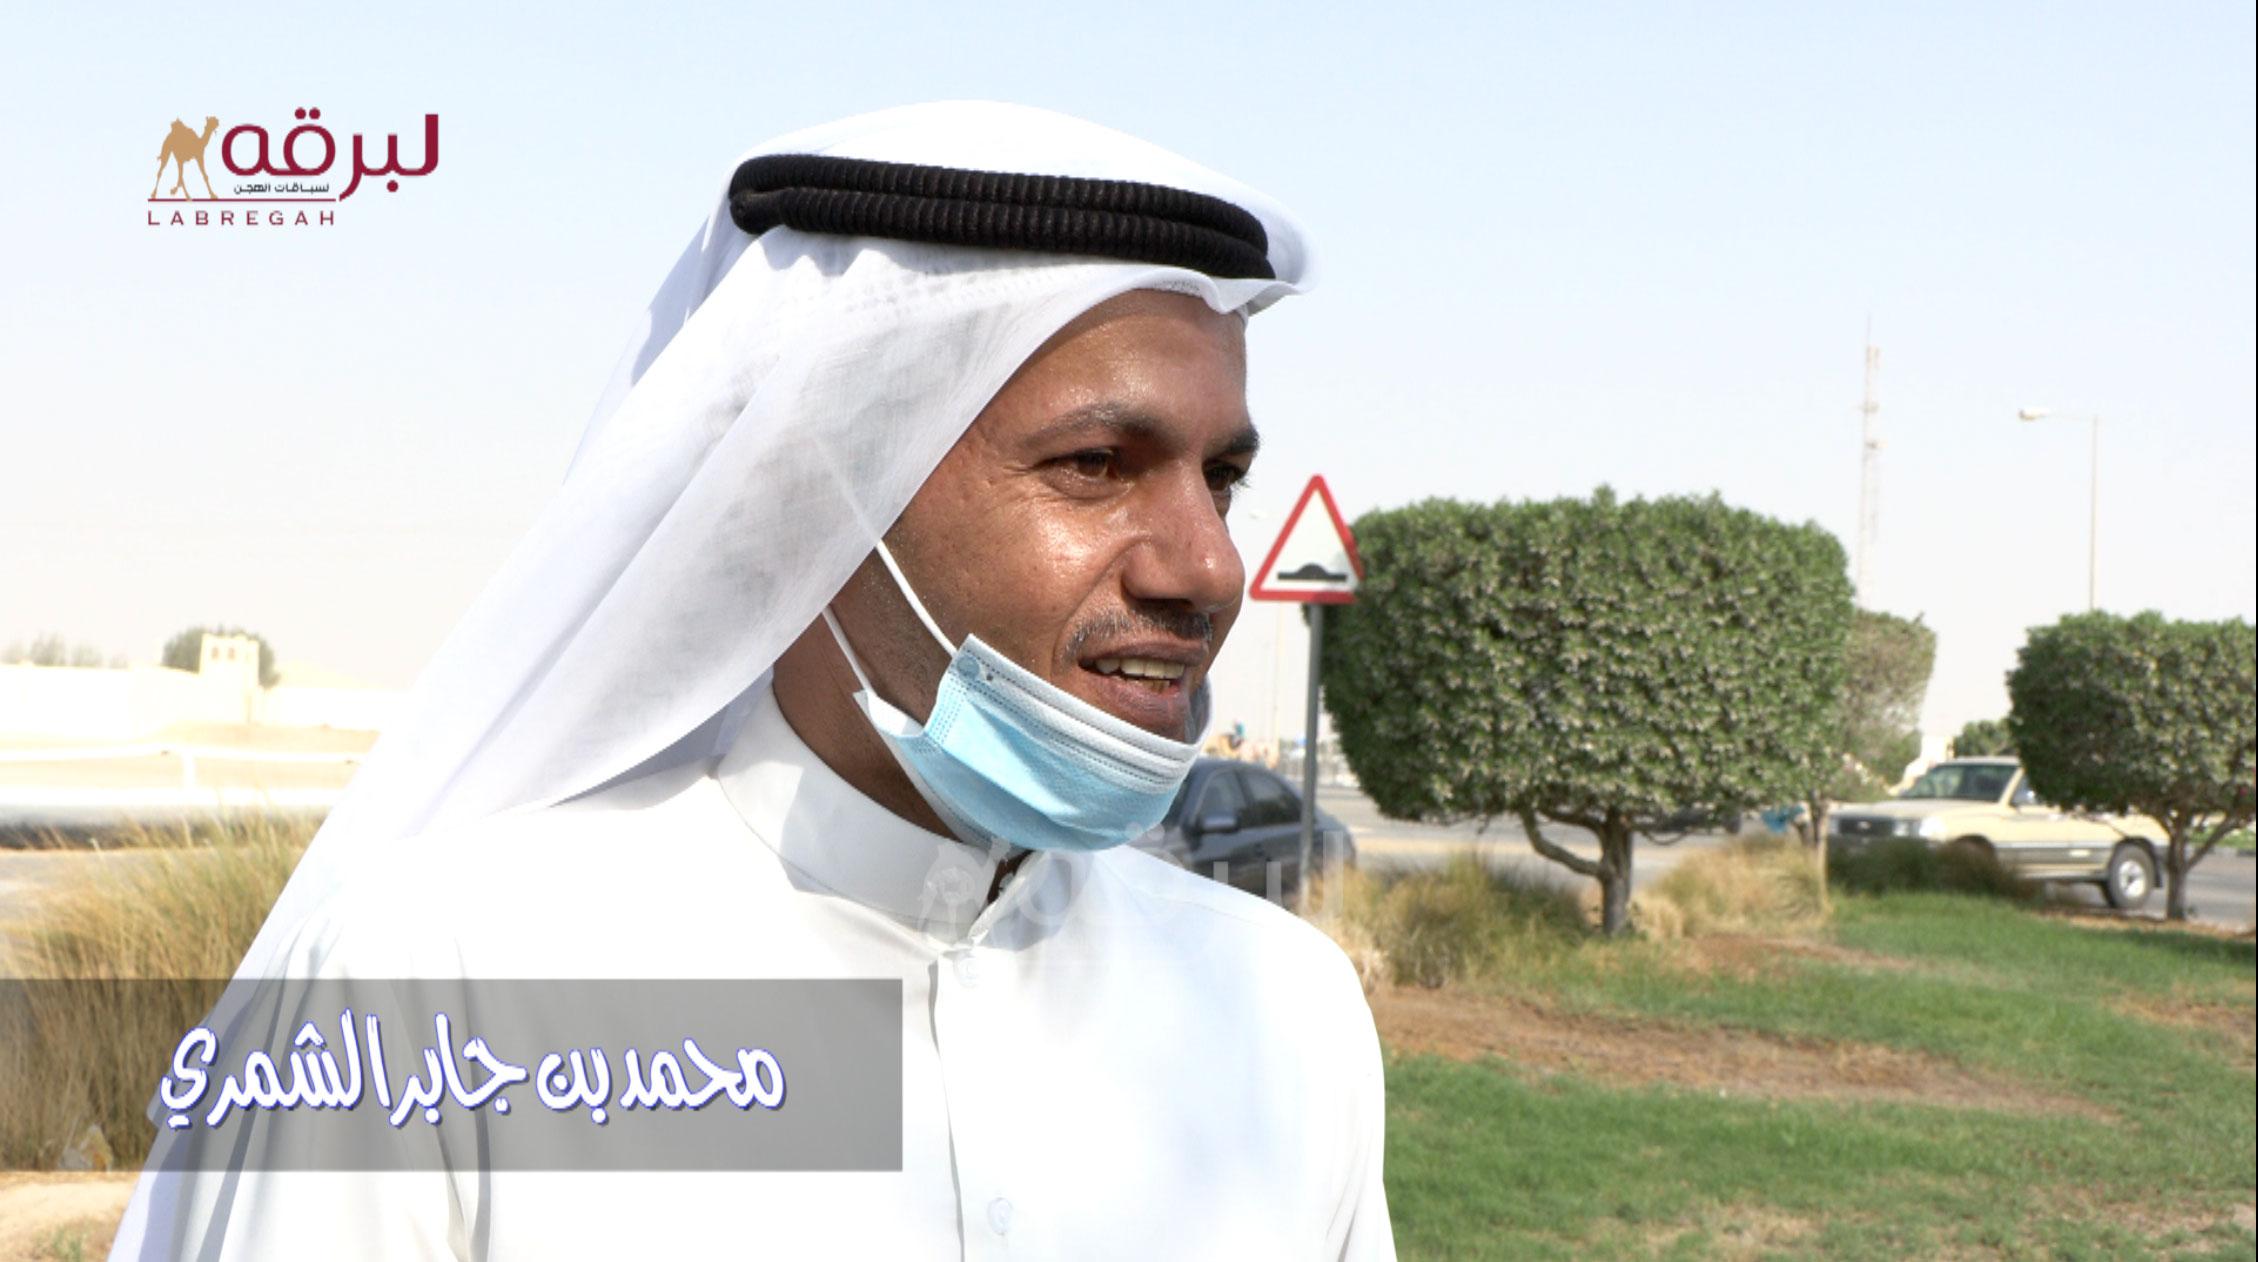 لقاء مع محمد بن جابر الشمري.. الشوط الرئيسي للزمول (مفتوح) ميدان الشحانية ١٢-٩-٢٠٢١